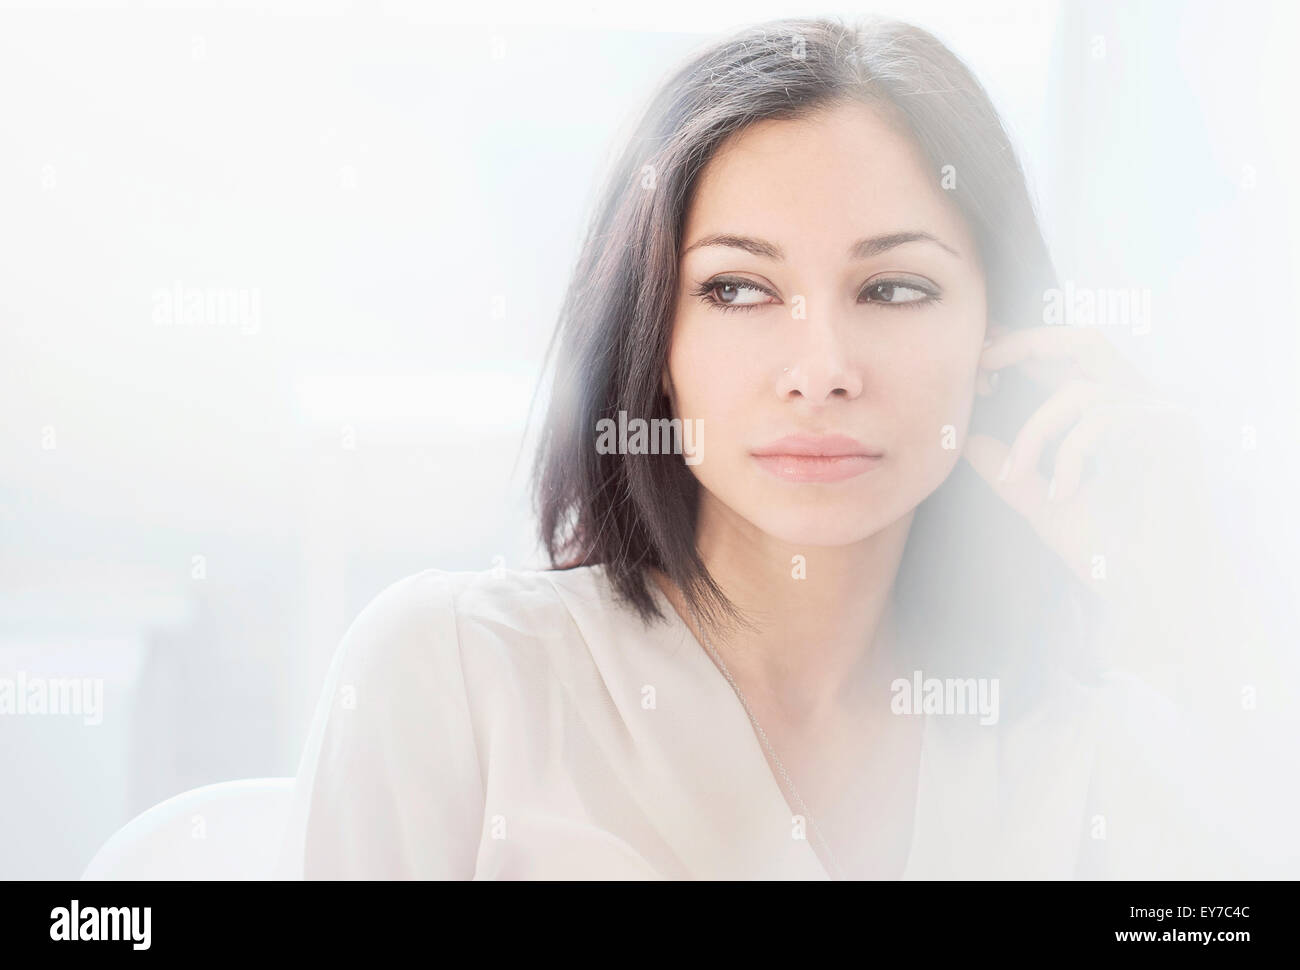 Ritratto di donna bruna Immagini Stock